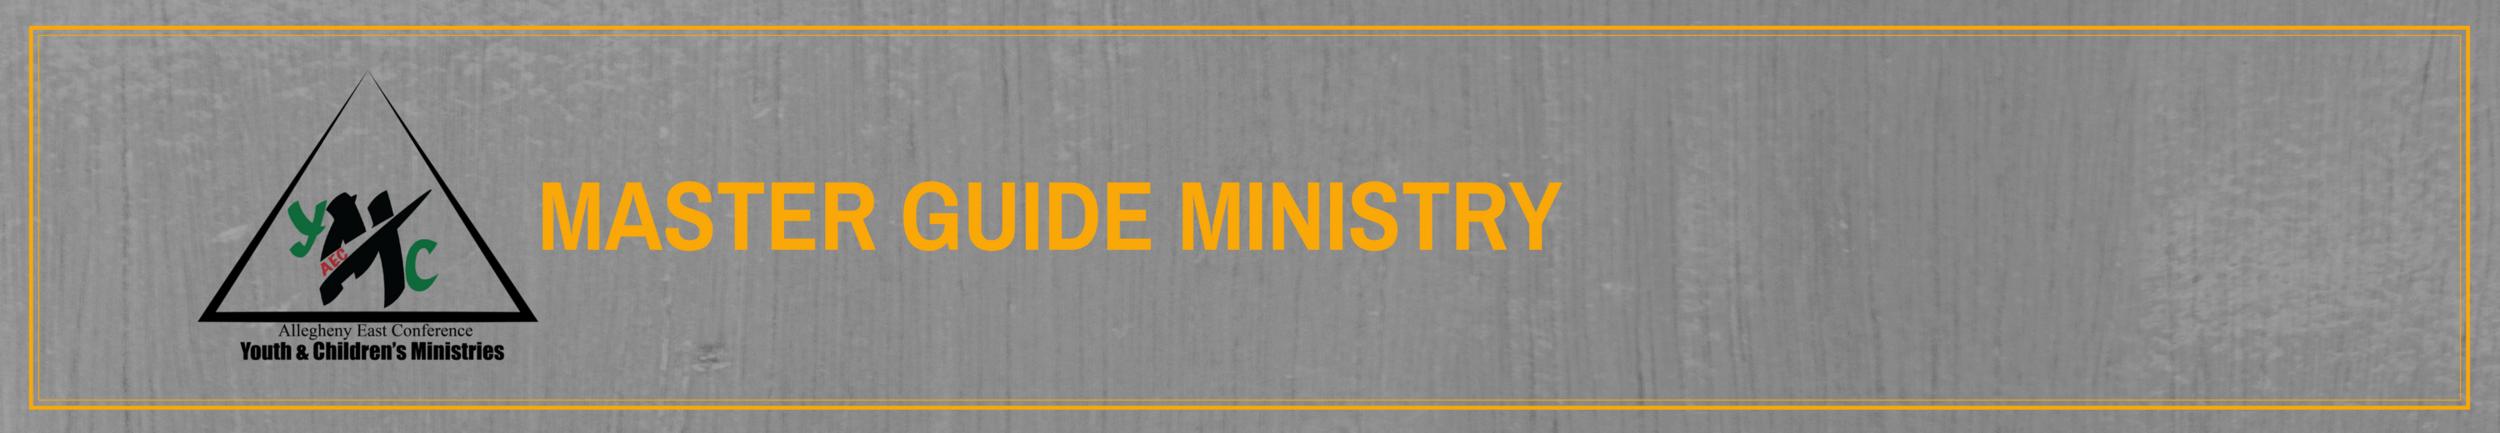 mstr guide header.png